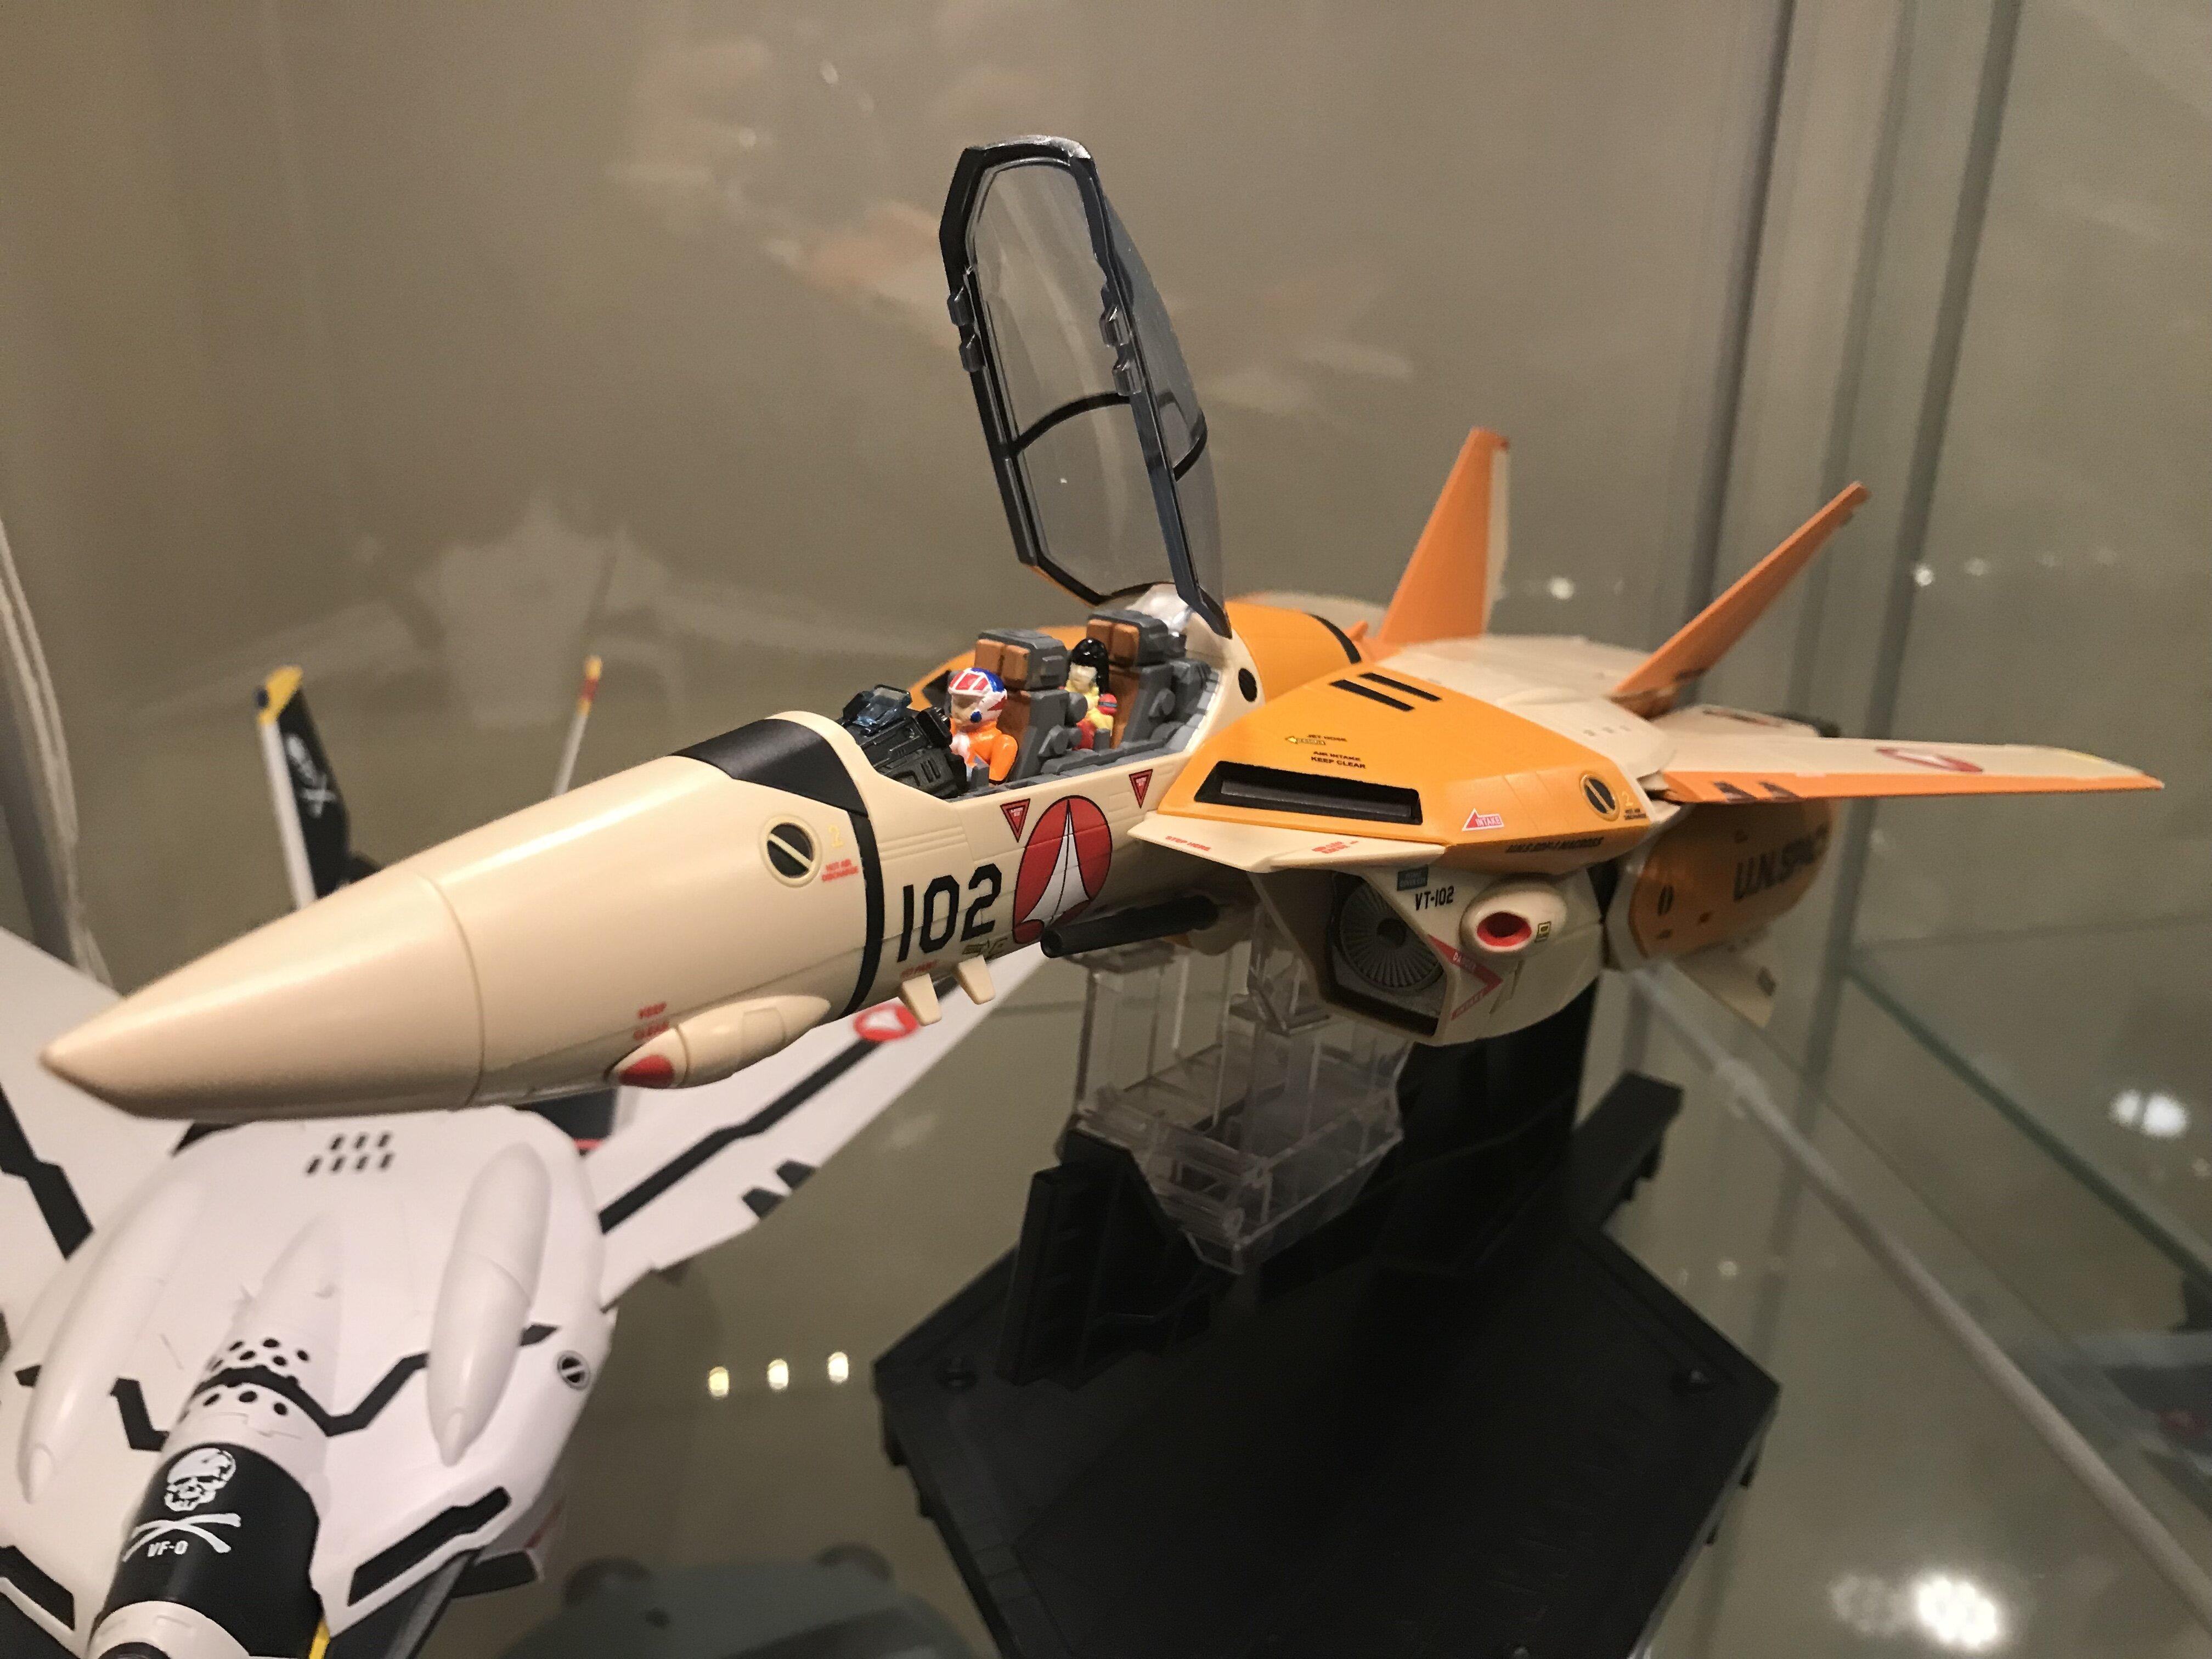 F176FA79-815E-4D80-A2B4-8F9BF35A692F.jpeg